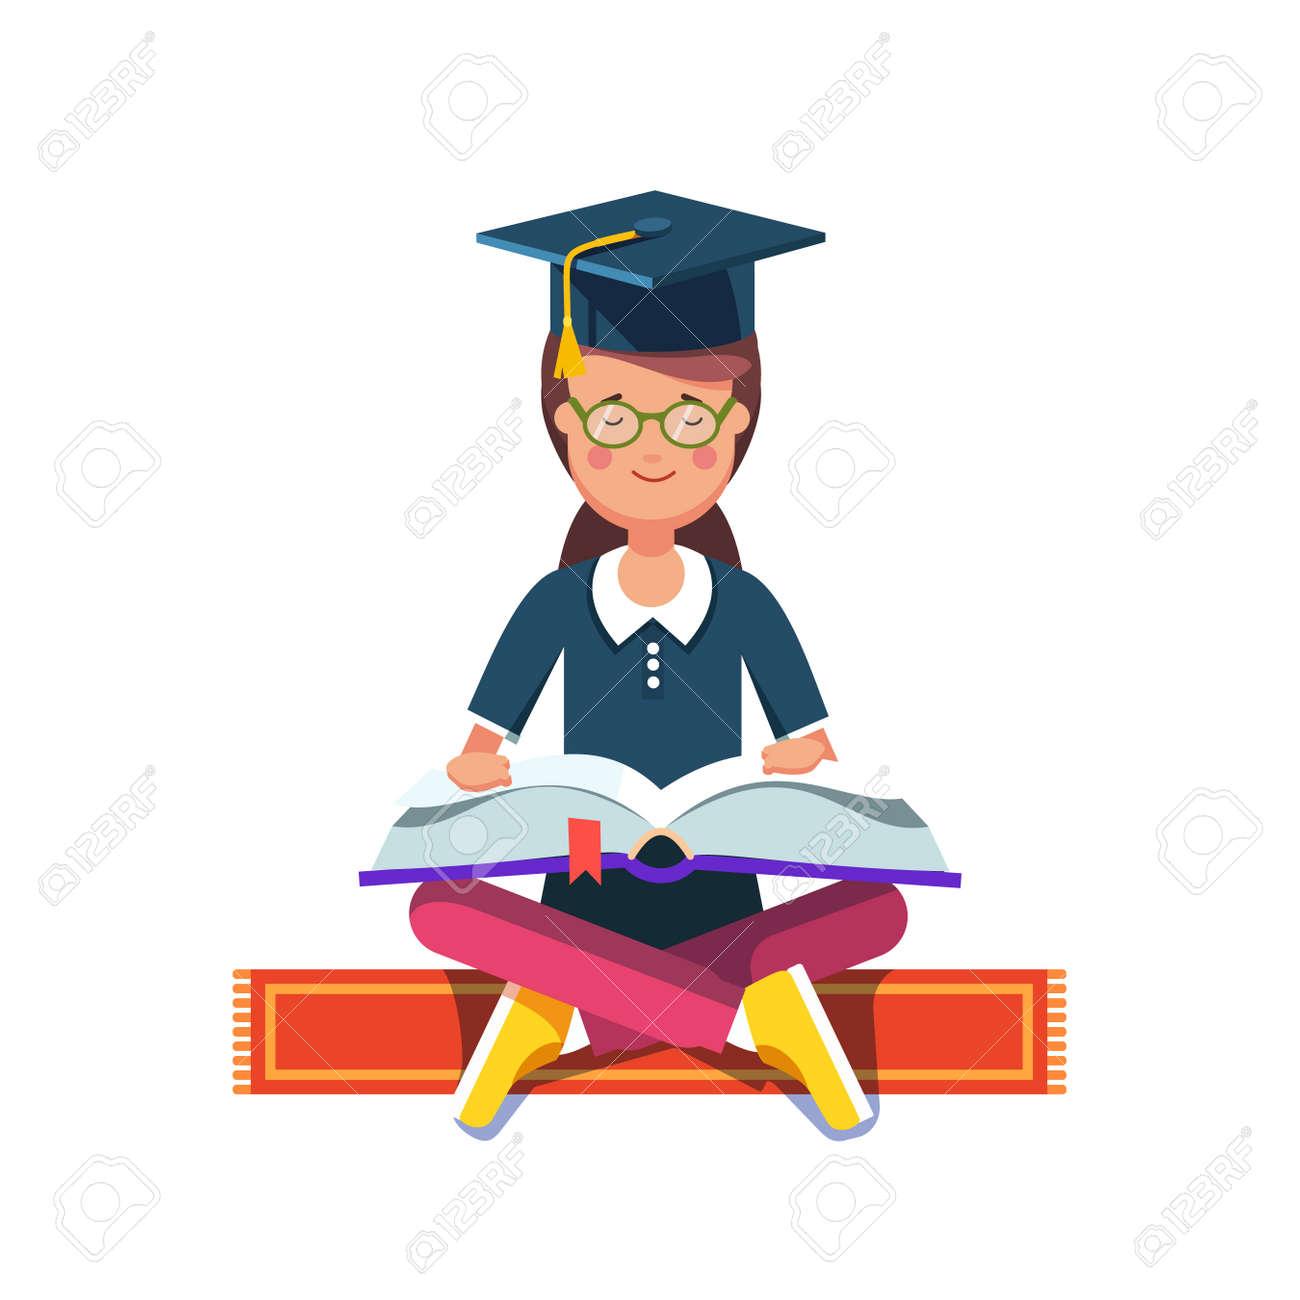 graduate student girl in mortar board hat sitting in lotus pose